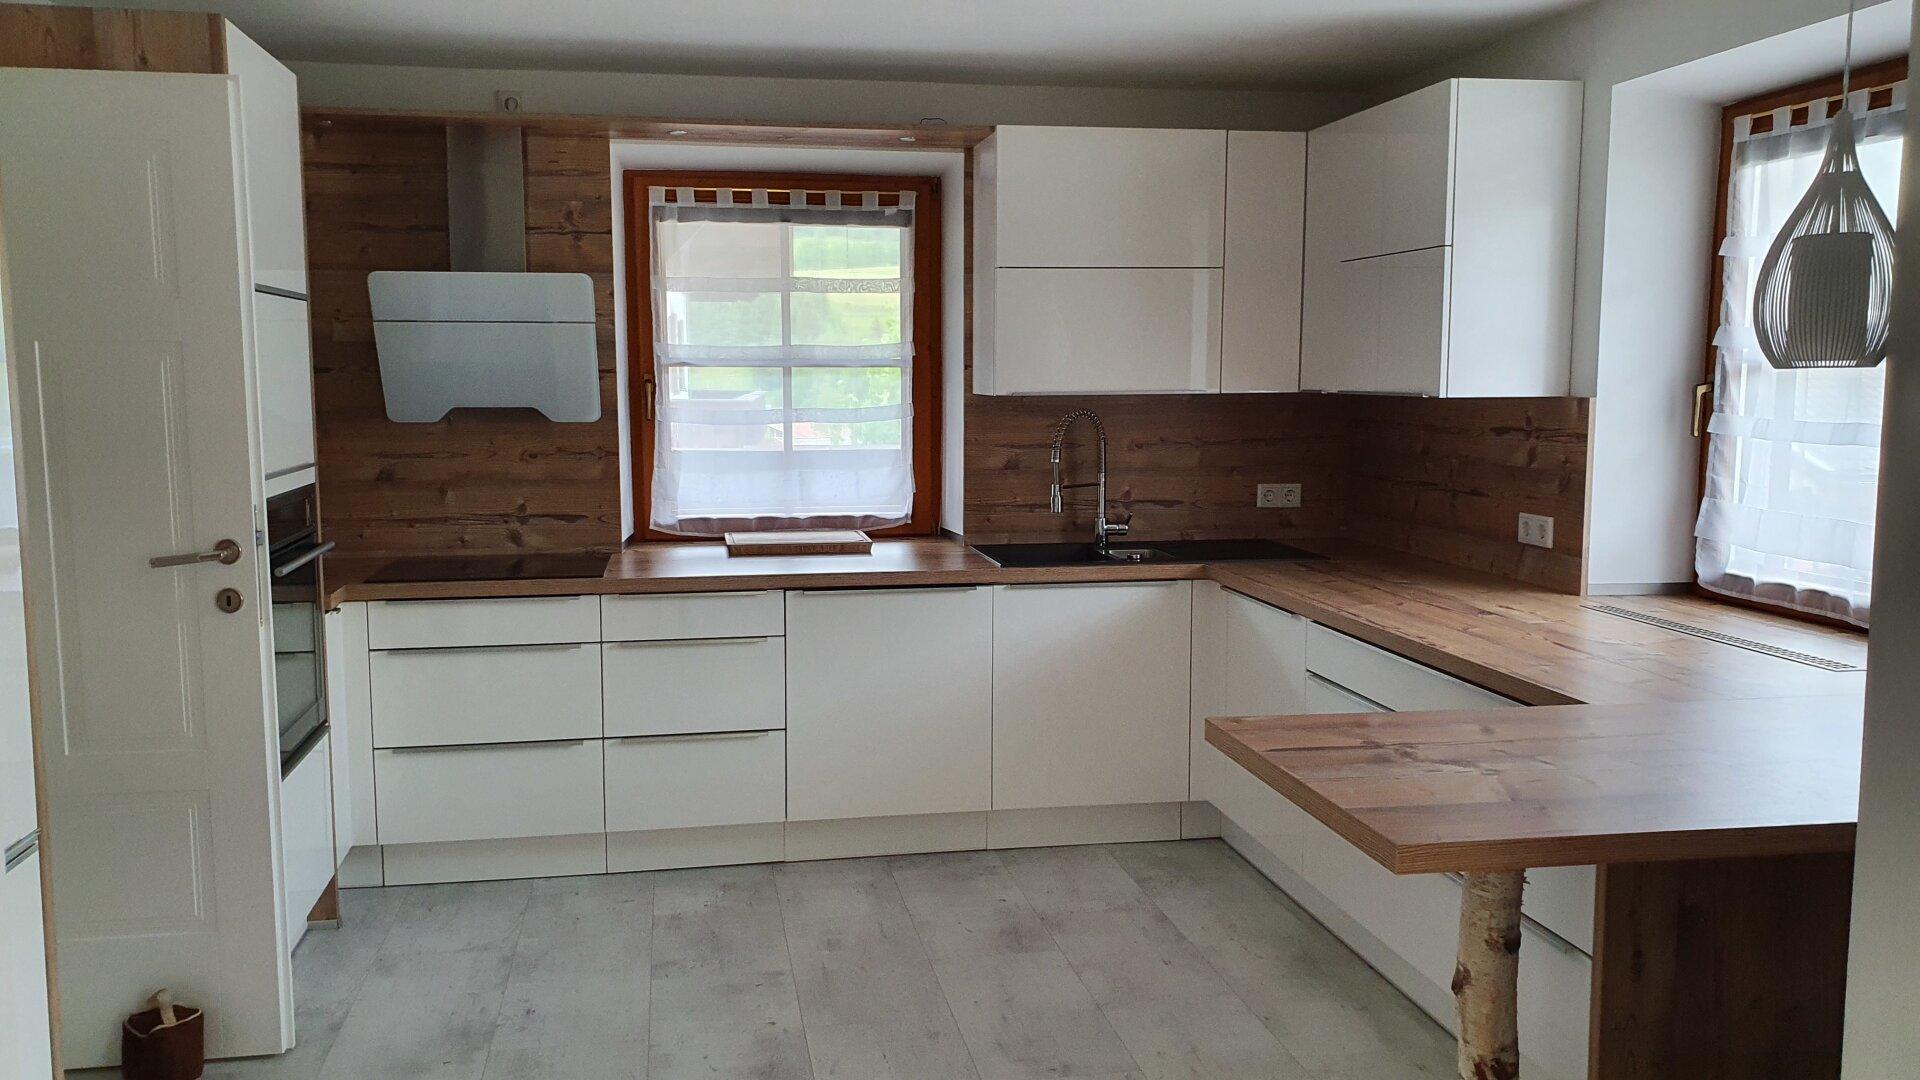 hochwertige Küche Ansicht 1, Einfamilienhaus Fieberbrunn